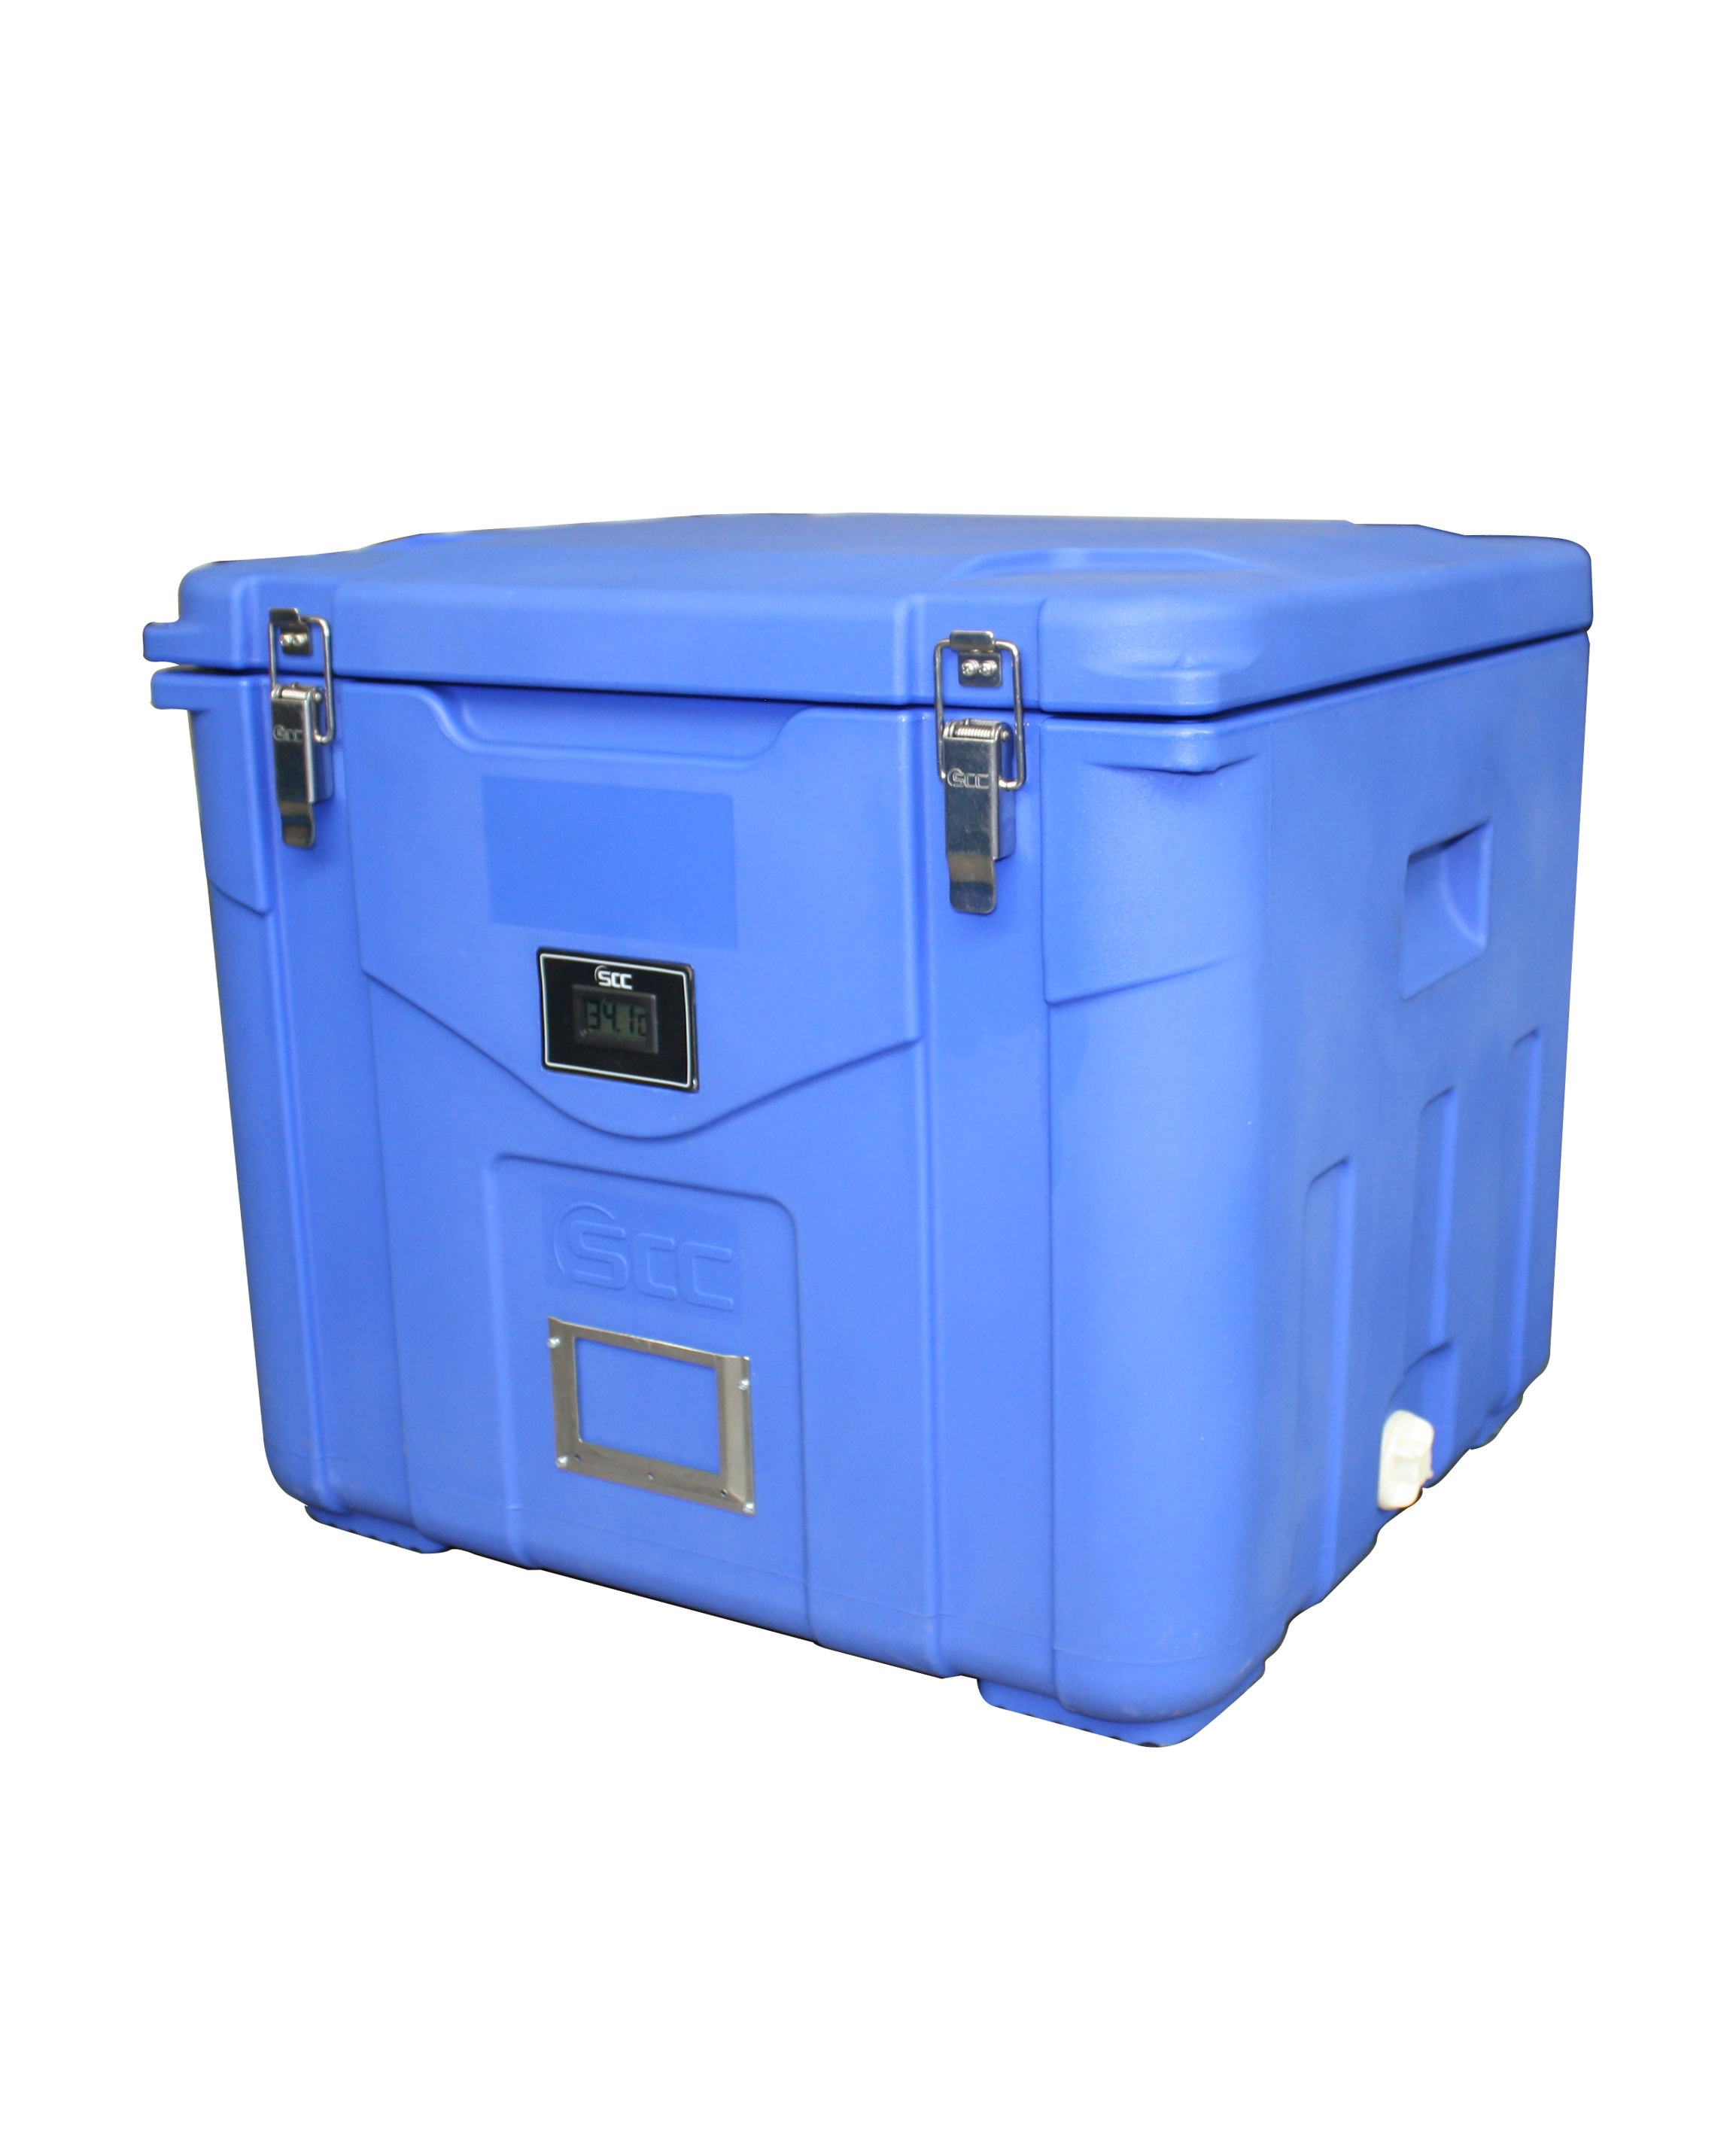 SB1-K100疫苗冷藏箱